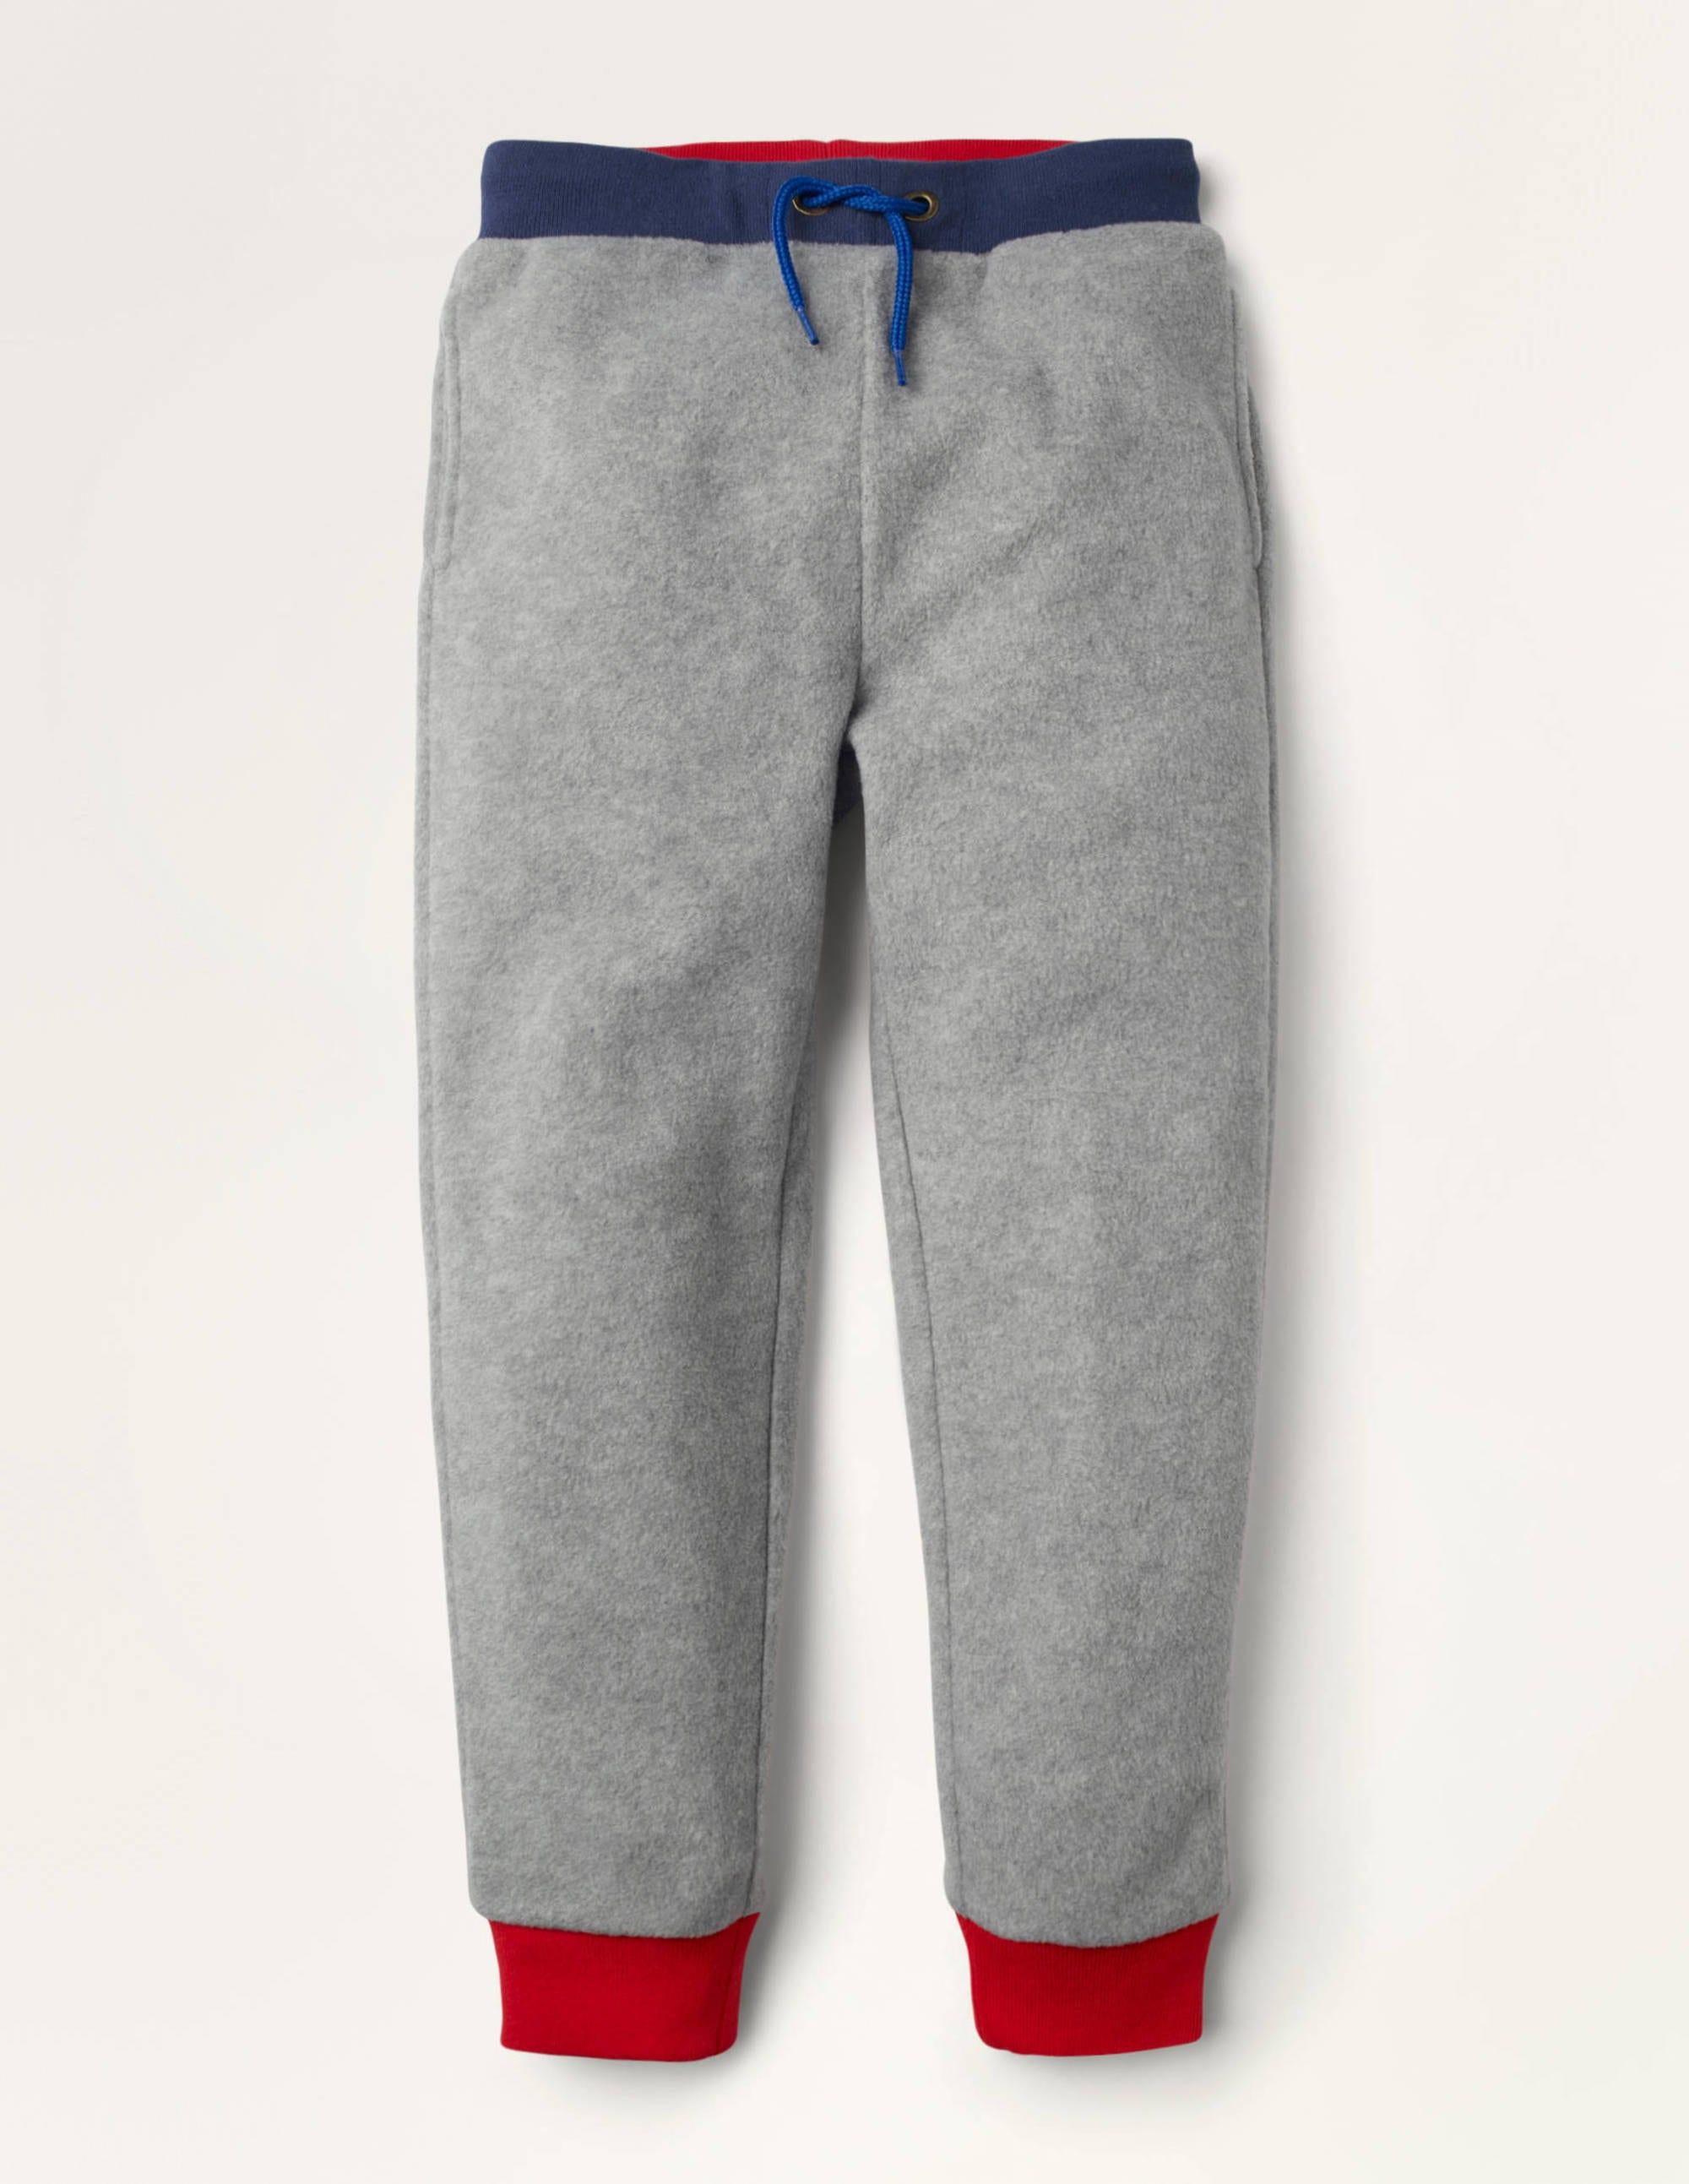 Mini Bas de jogging en micro-polaire GRY Garçon Boden, Grey - 7a